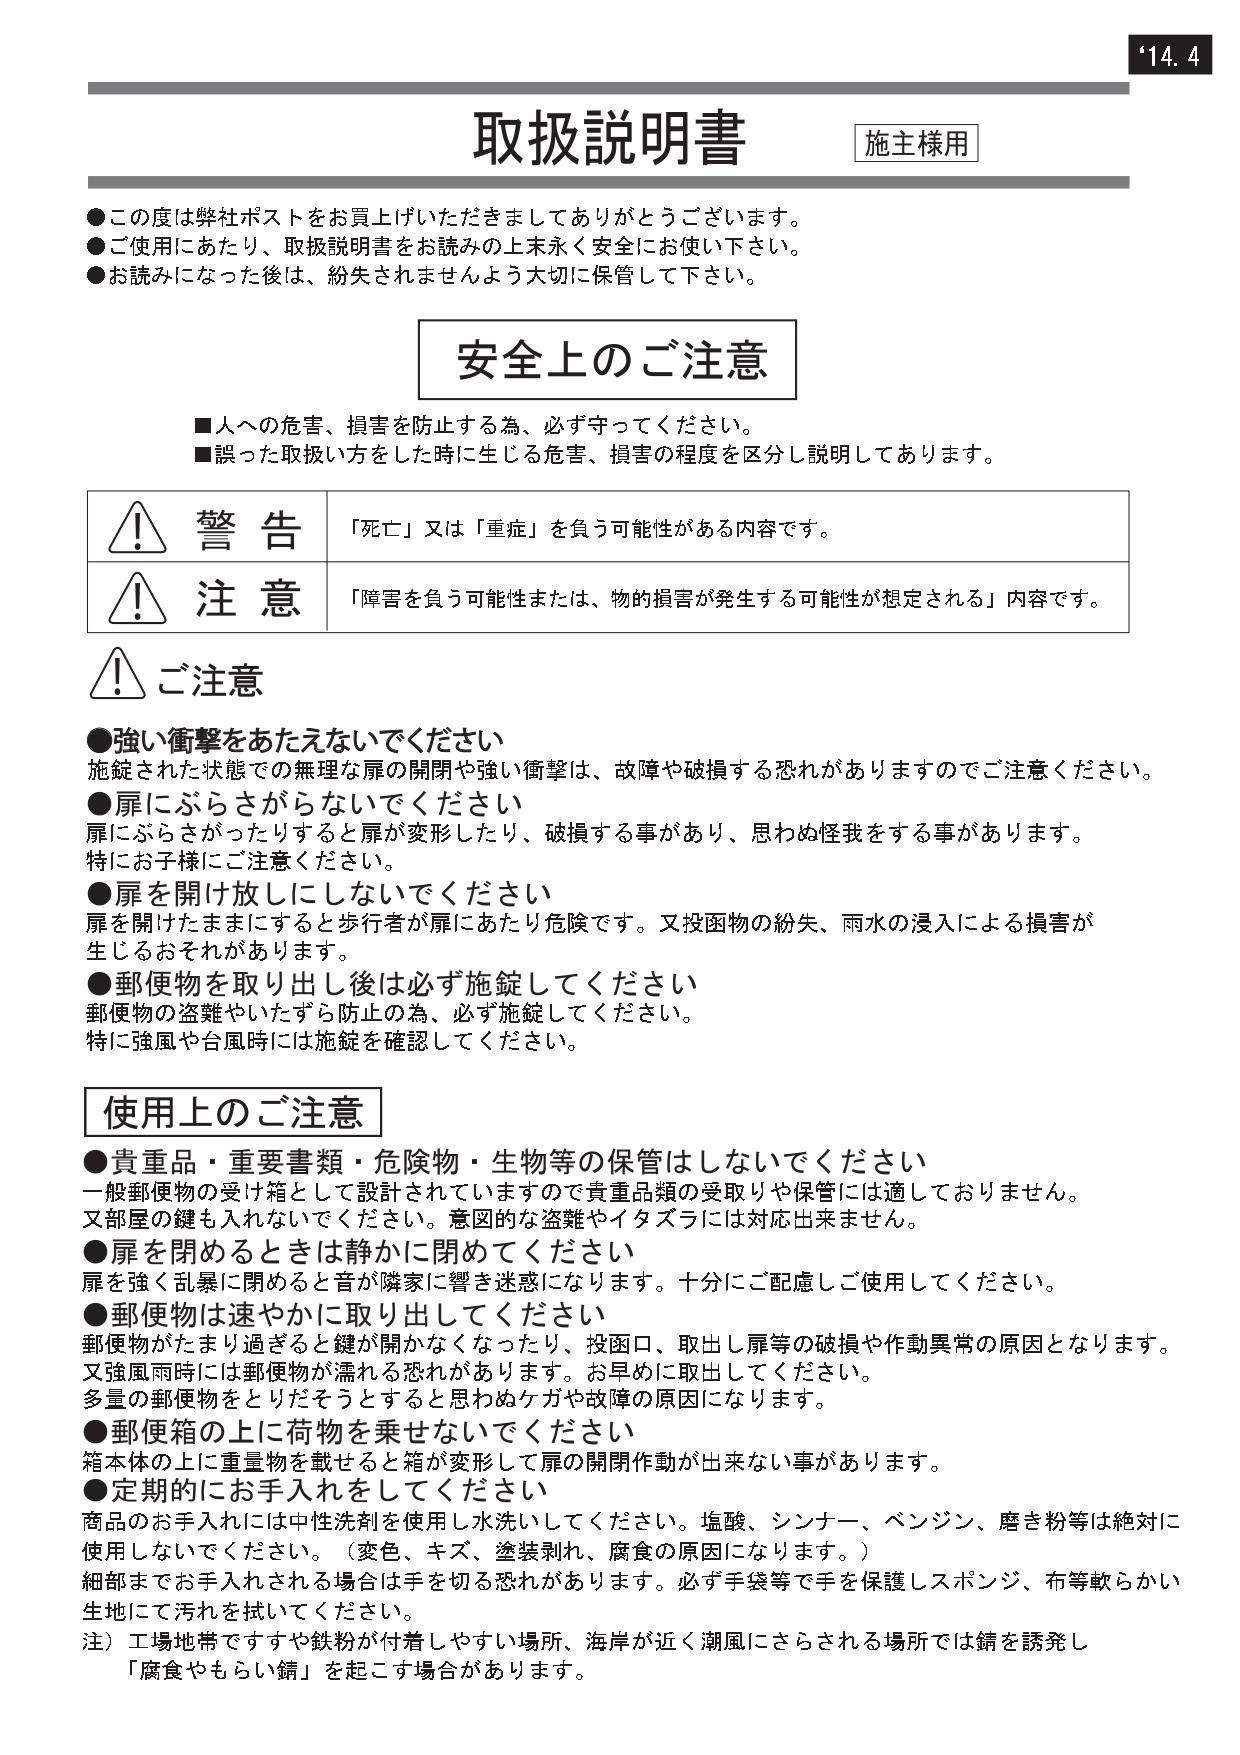 マルカートベイス 取り扱い説明書_page-0001